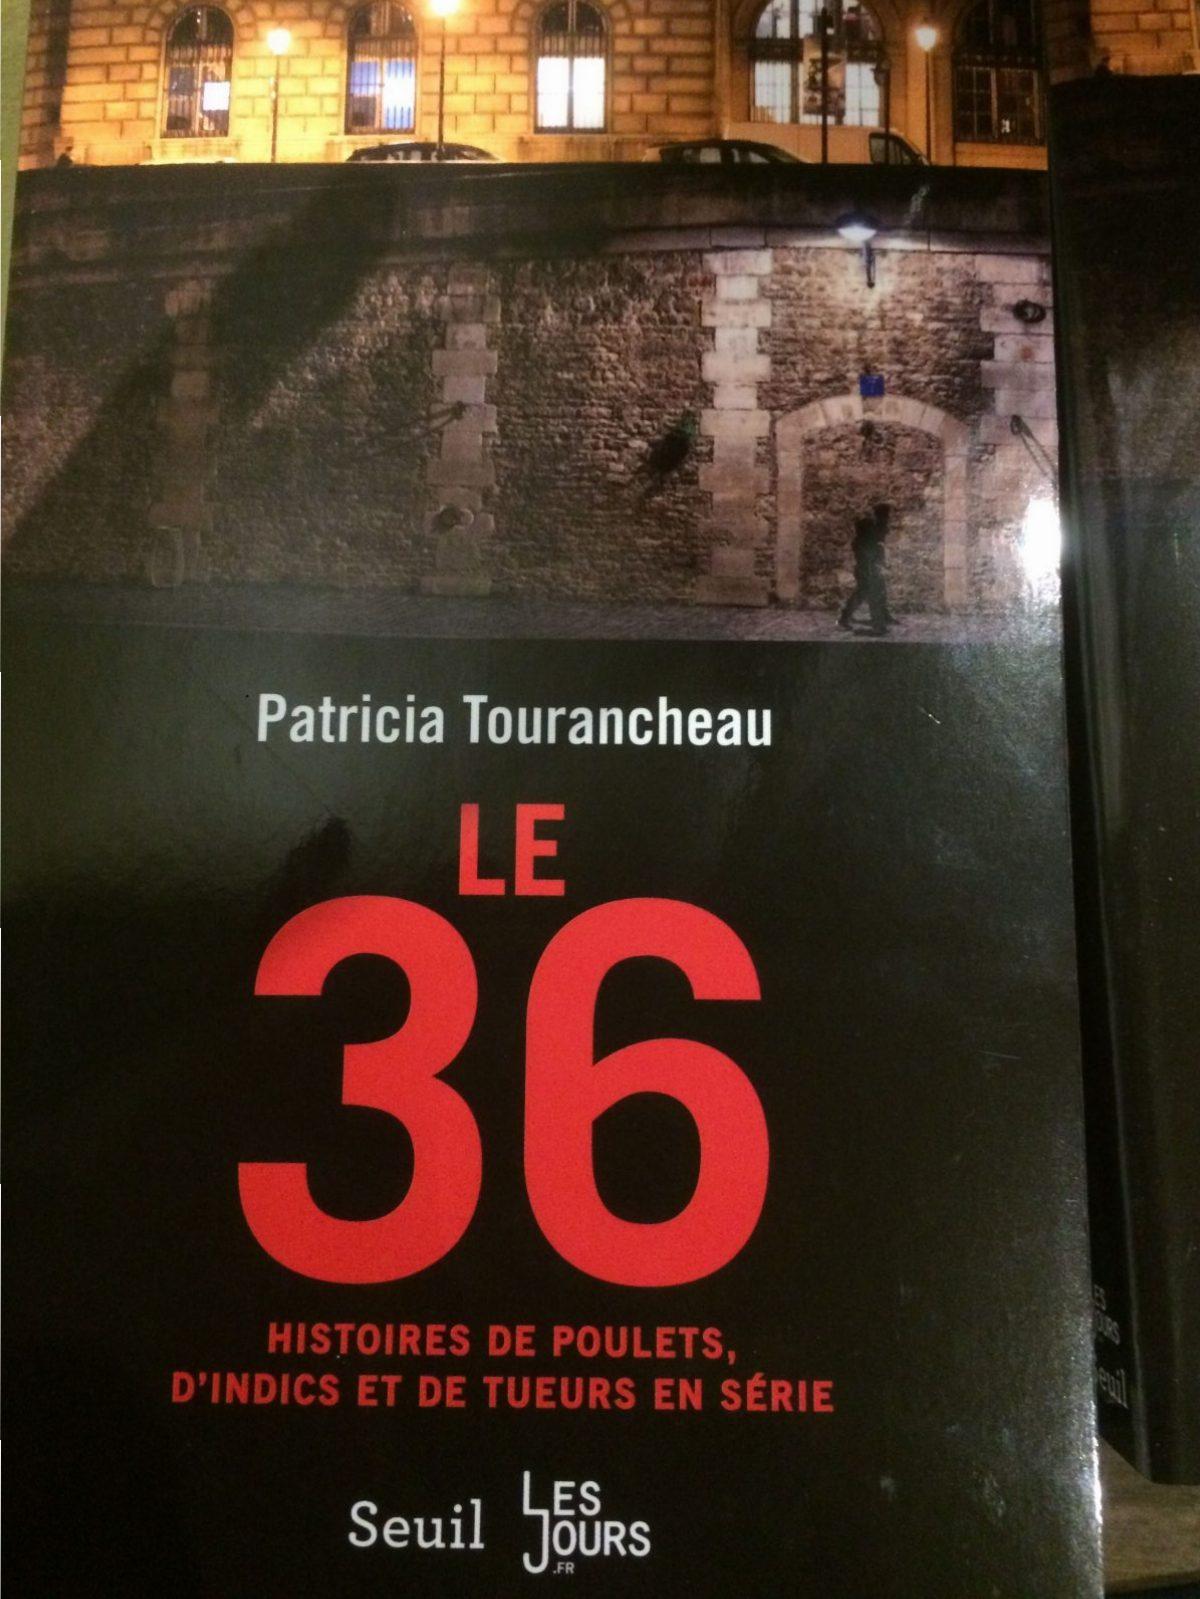 Patricia Tourancheau : « Au lieu de vouloir abolir la fessée, on devrait plutôt abolir les violences policières »